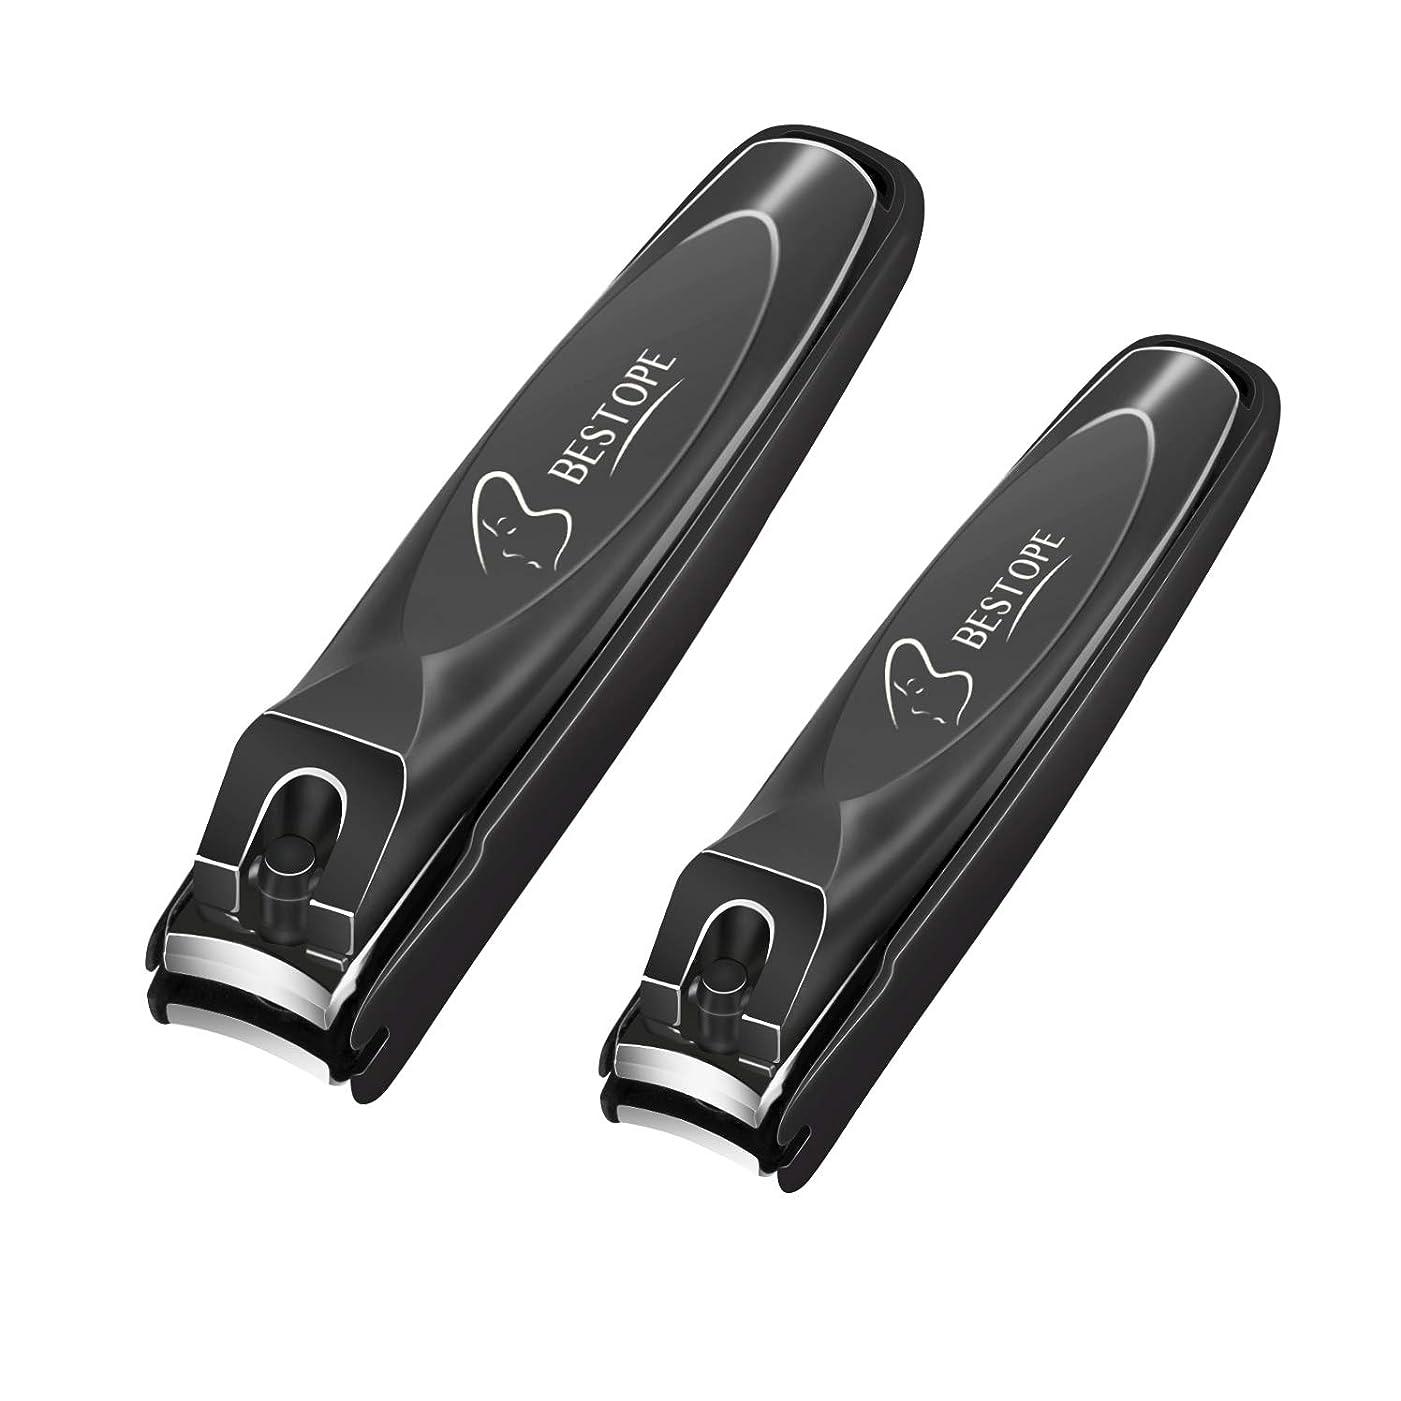 一生呼吸する削減BESTOPE 爪切り カバー付き ステンレス鋼製 爪やすり付き 飛び散り防止 手足用 2本セット